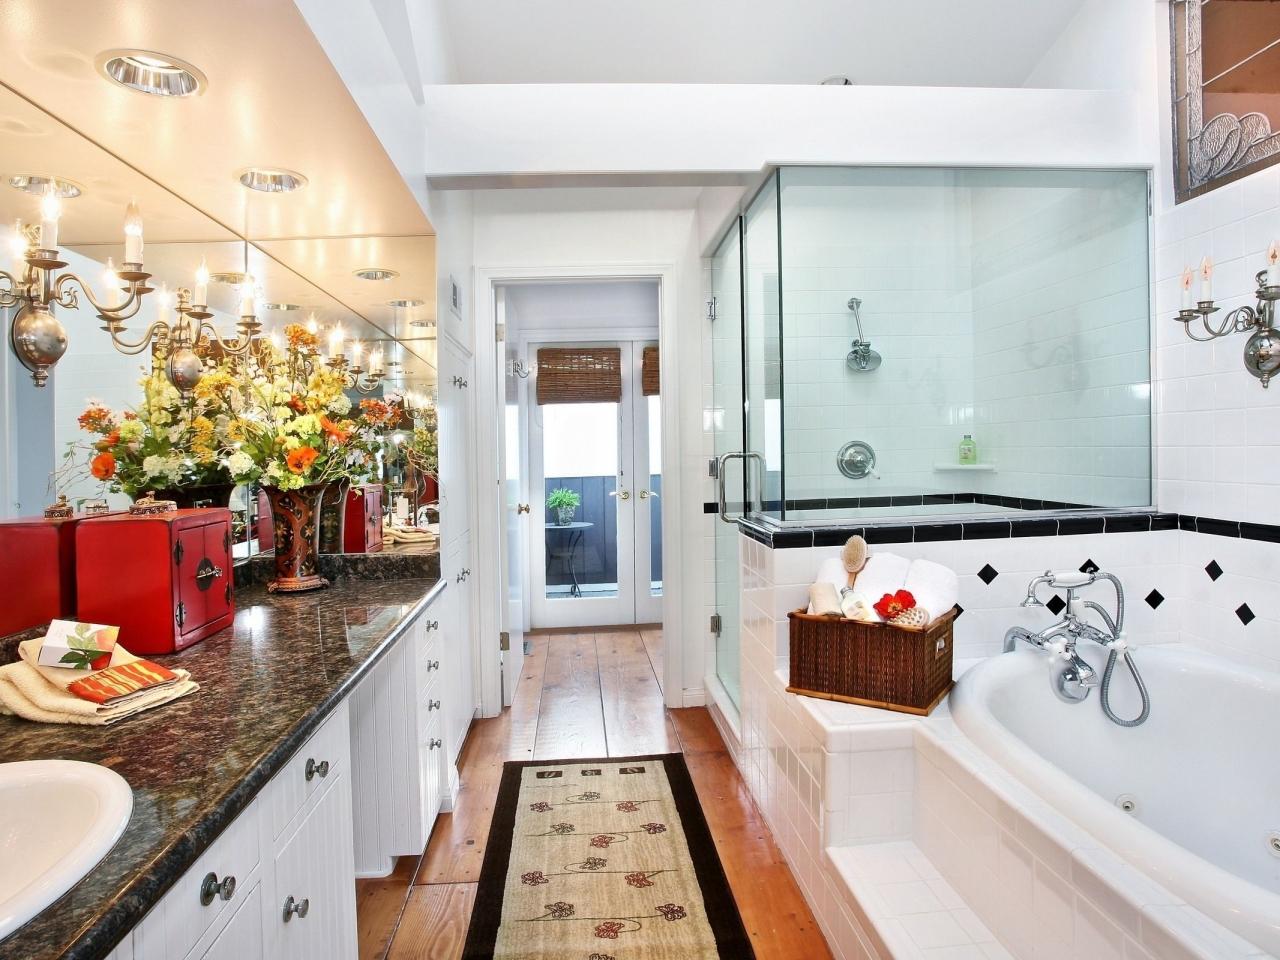 Dise o de ba o y ducha hd 1280x960 imagenes wallpapers - Disenos de duchas ...